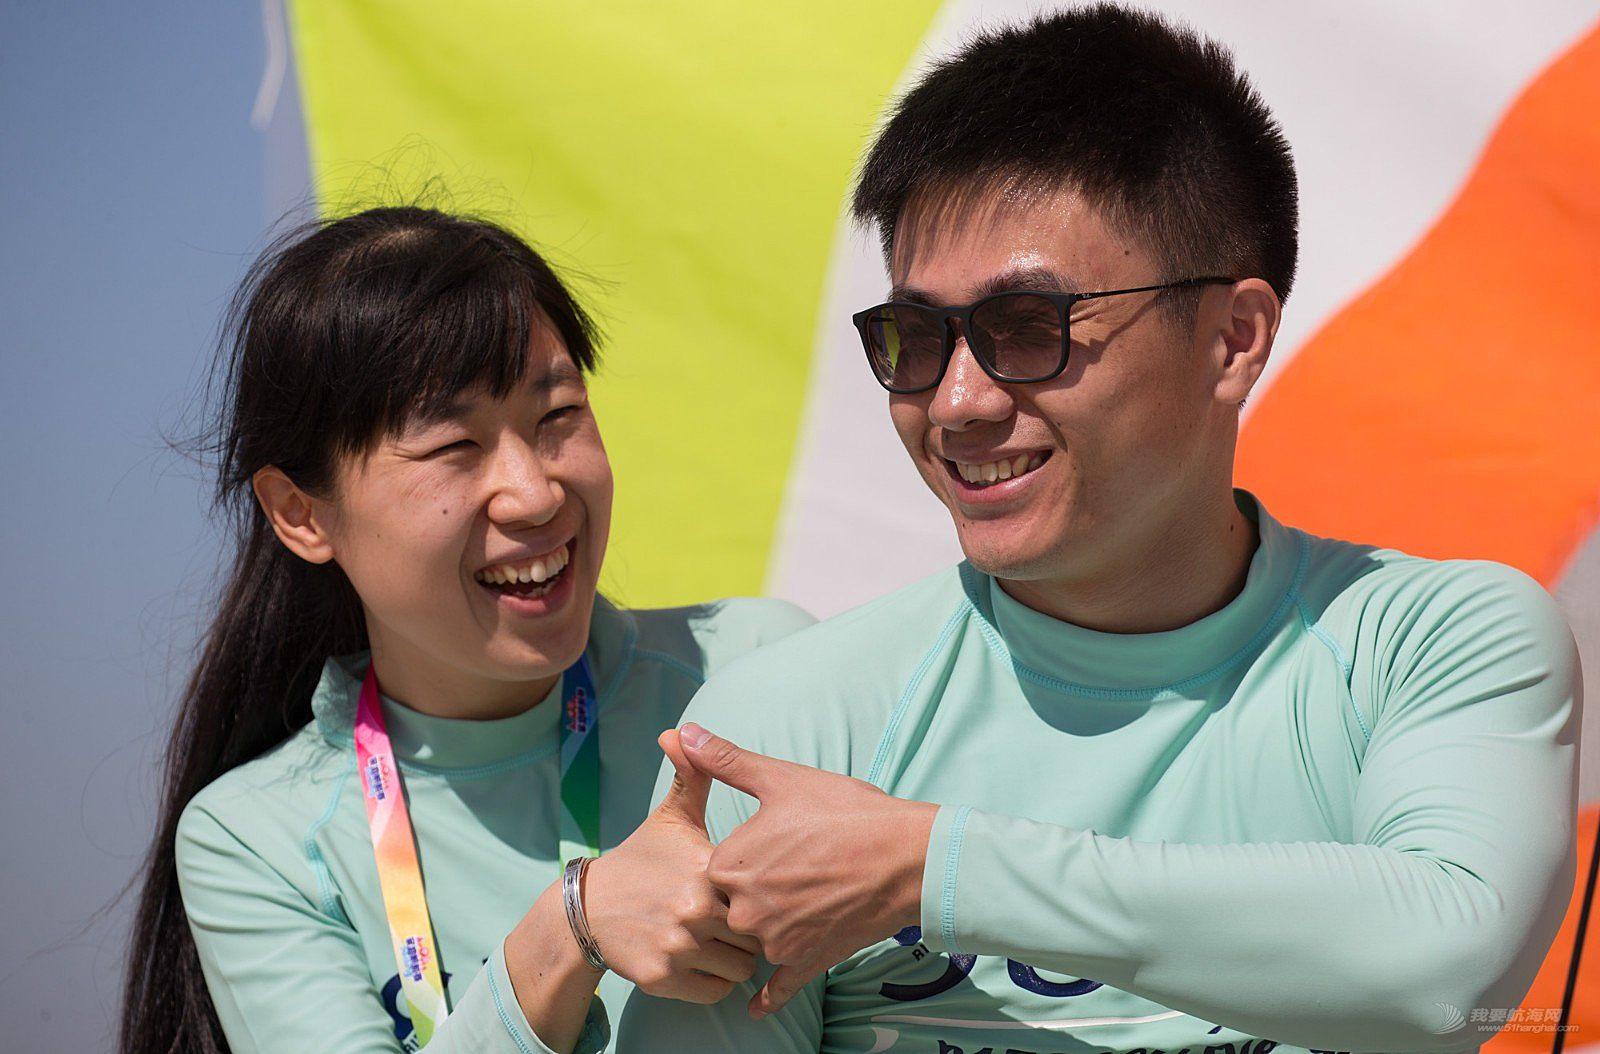 一家人,一条船! 首届中国家庭帆船赛欢乐起航